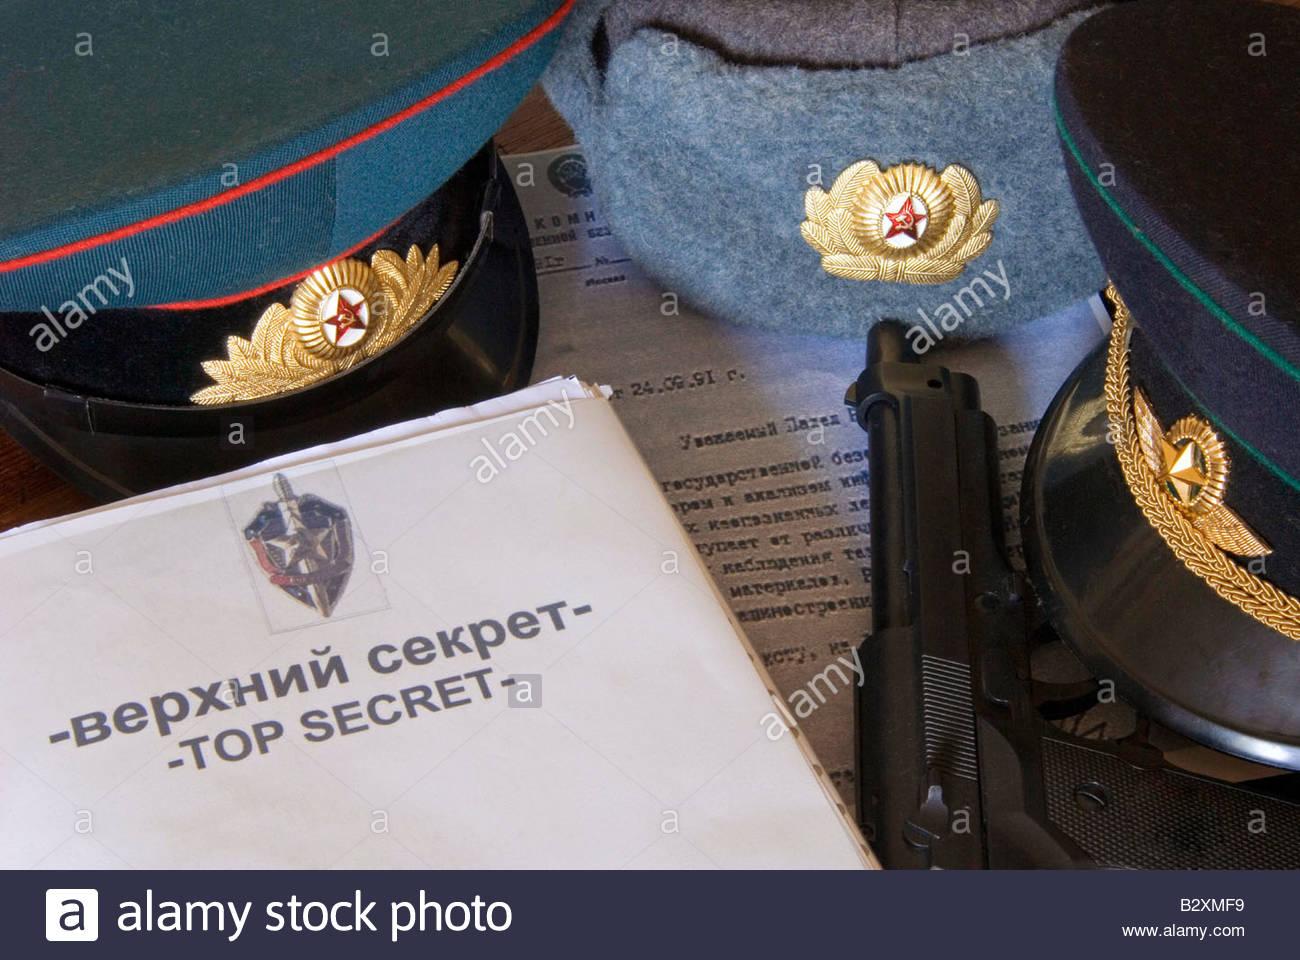 kgb, top secret - Stock Image